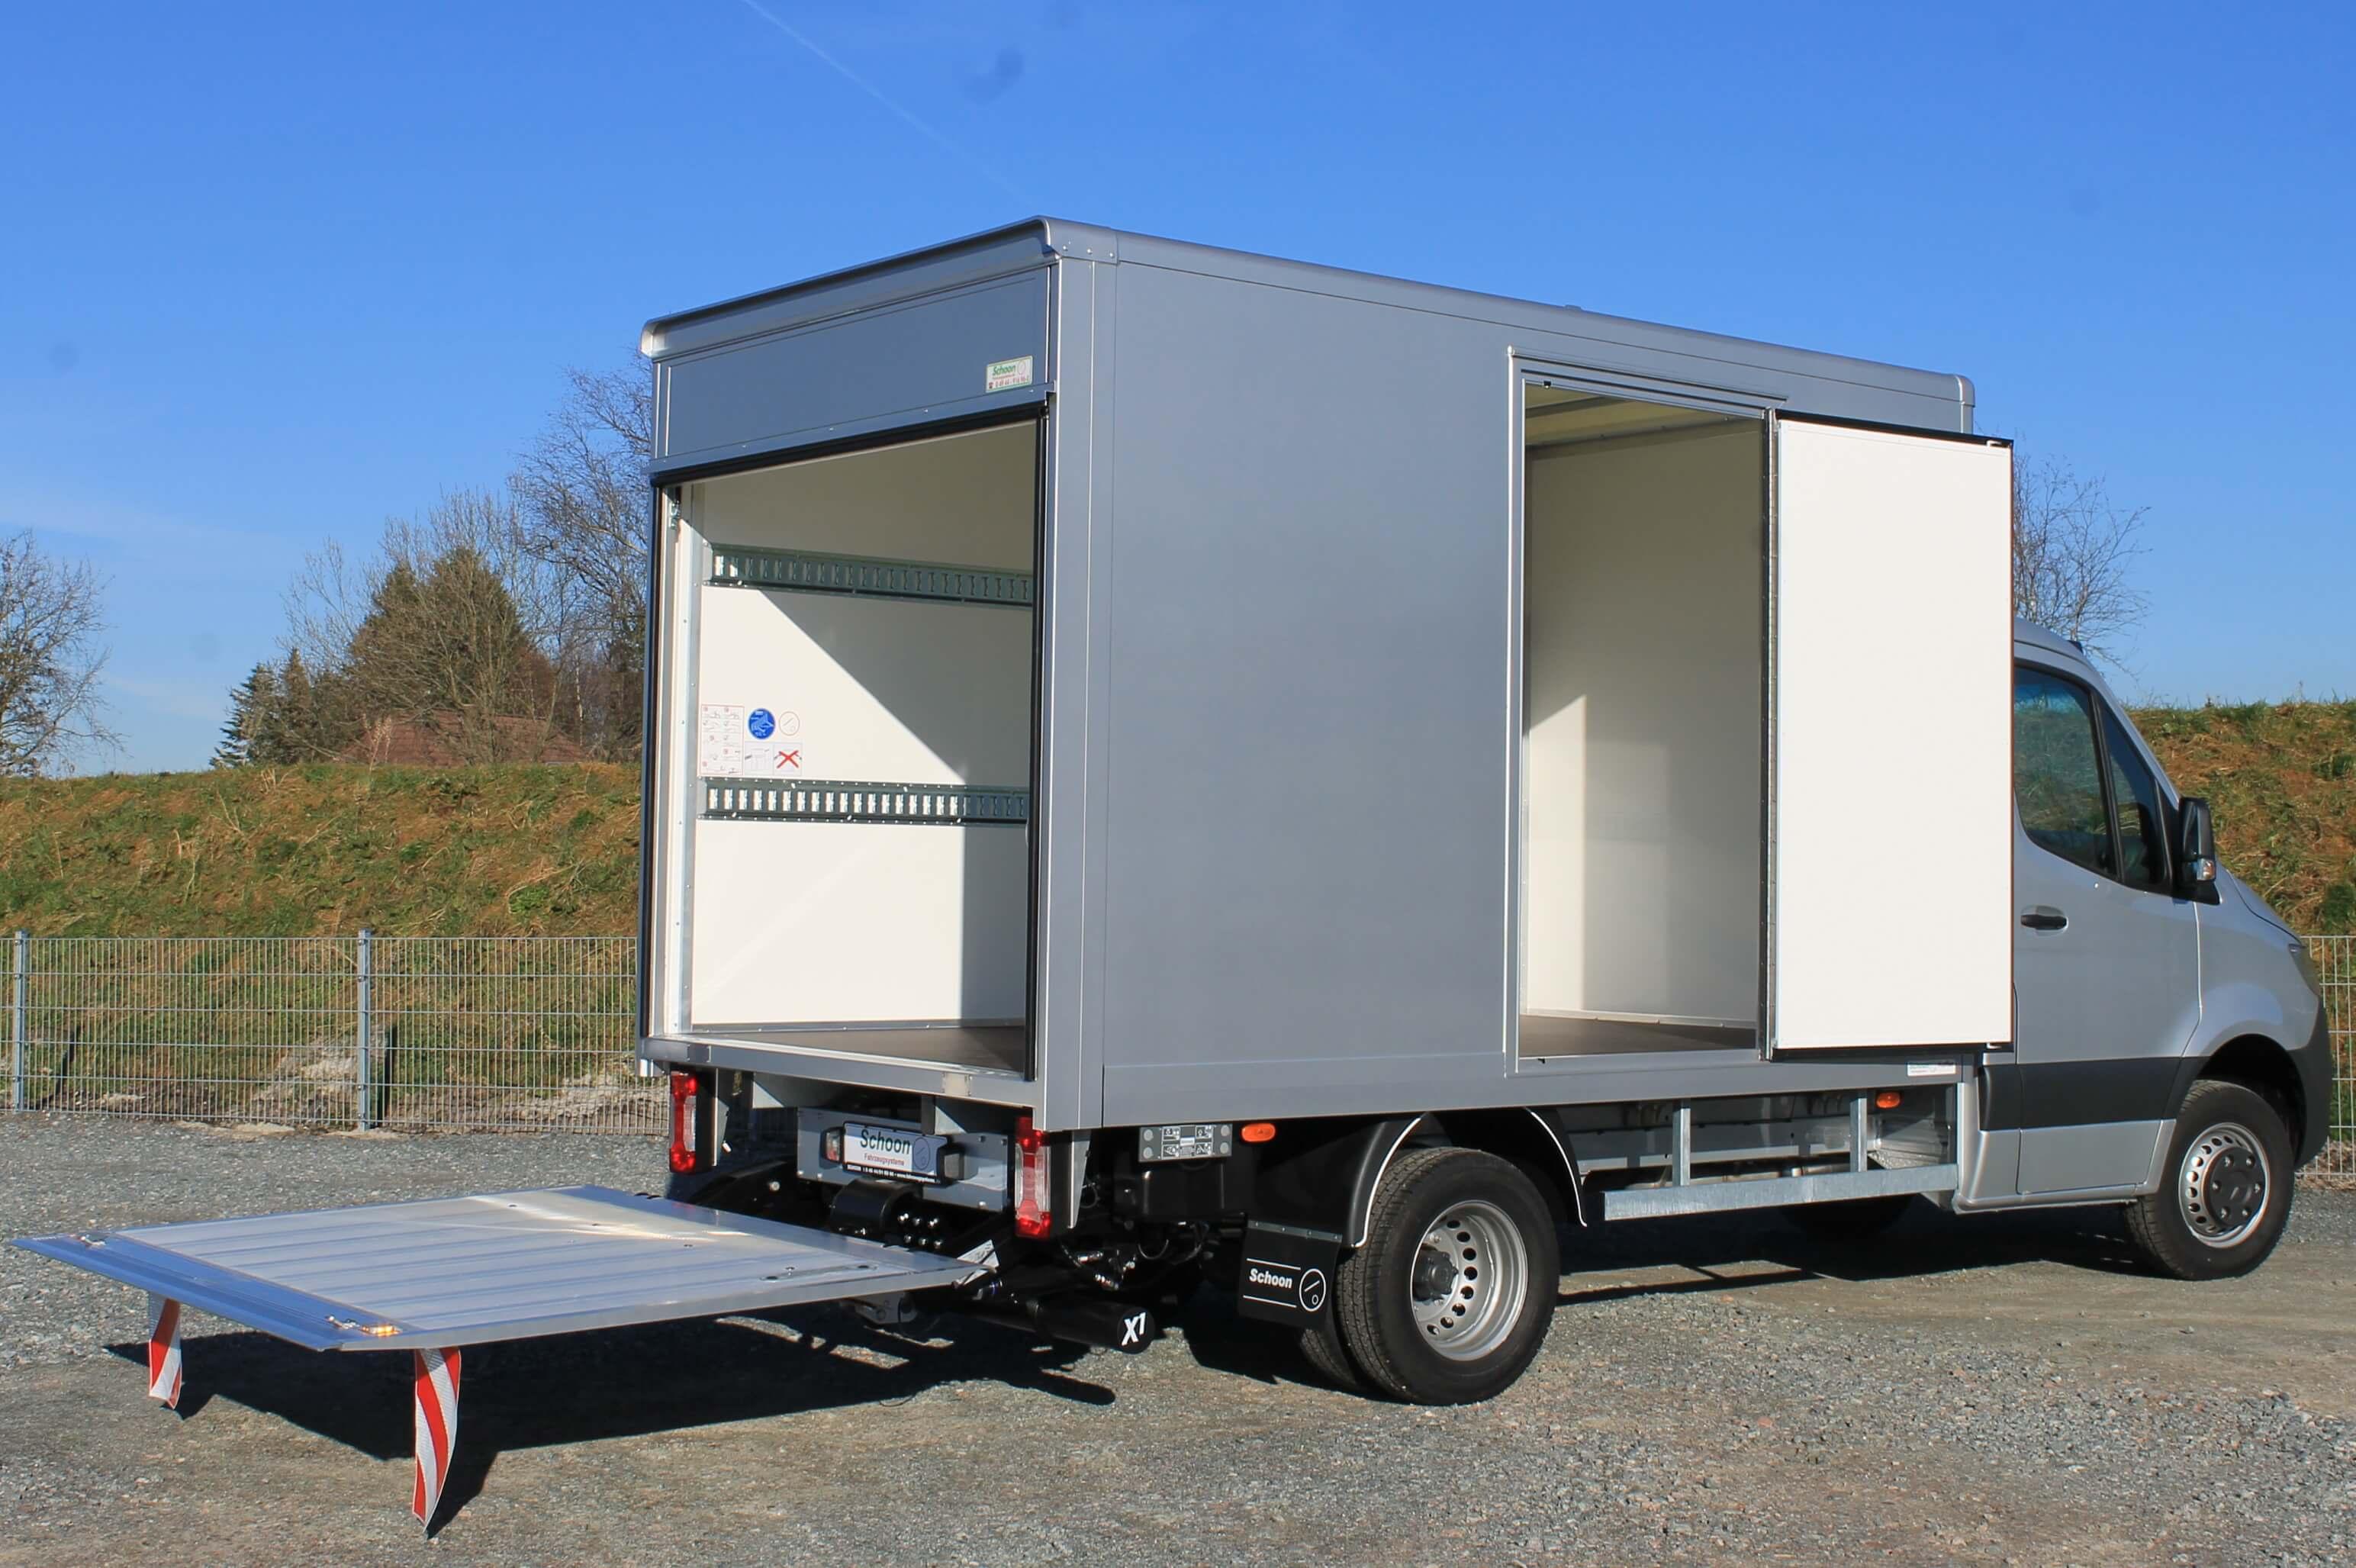 MB Sprinter mit Schoon Koffer, Aufbaulackierung, Ladebordwand, Seitentür (10)